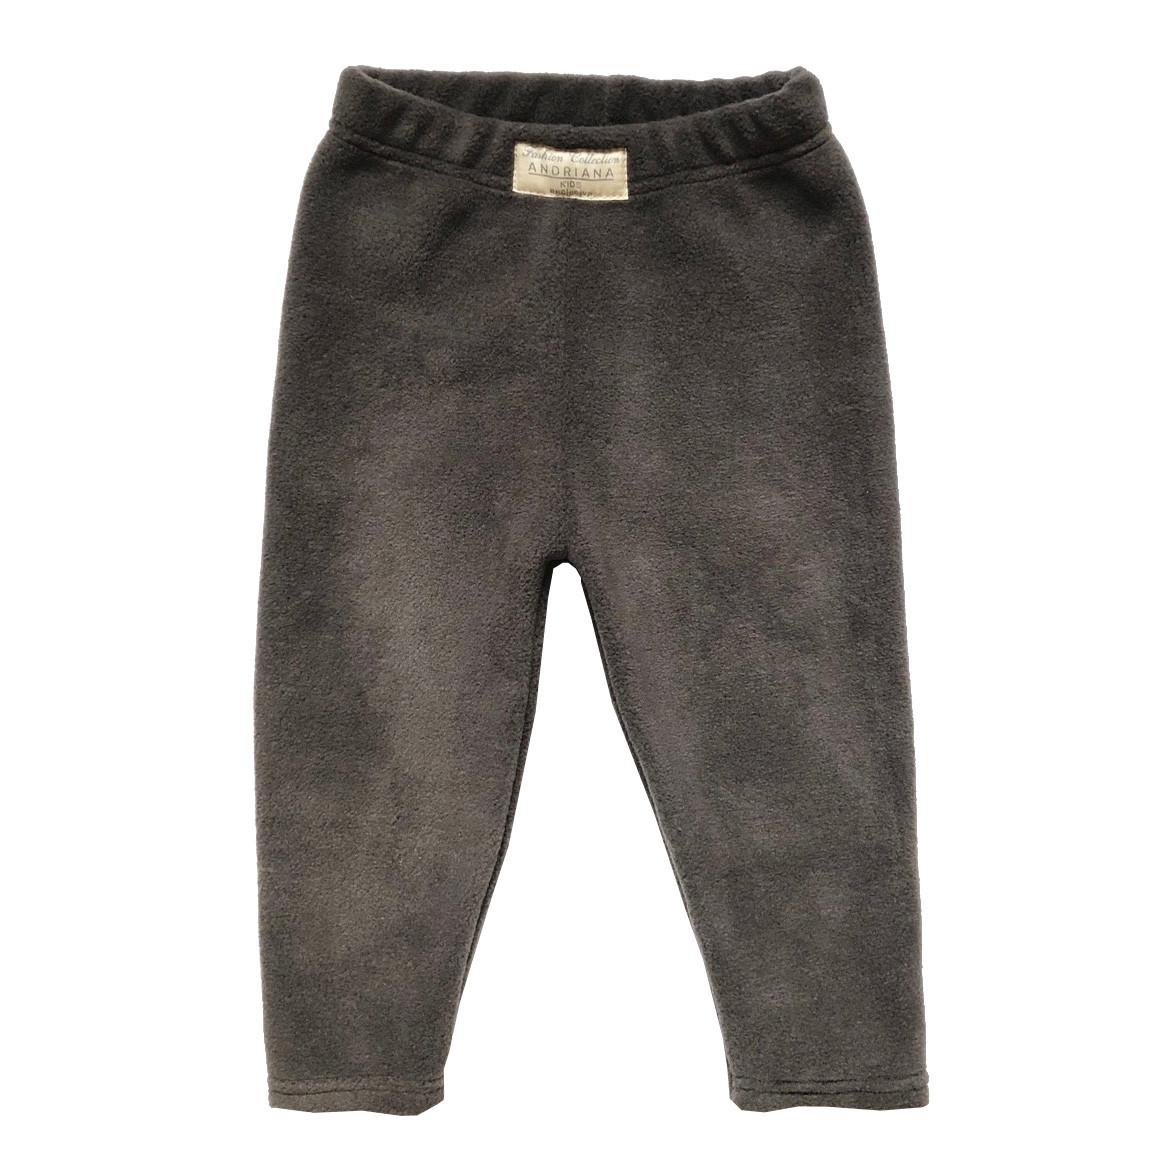 Теплые флисовые штанишки Andriana Kids для мальчика от 1 до 4 лет темно-серые